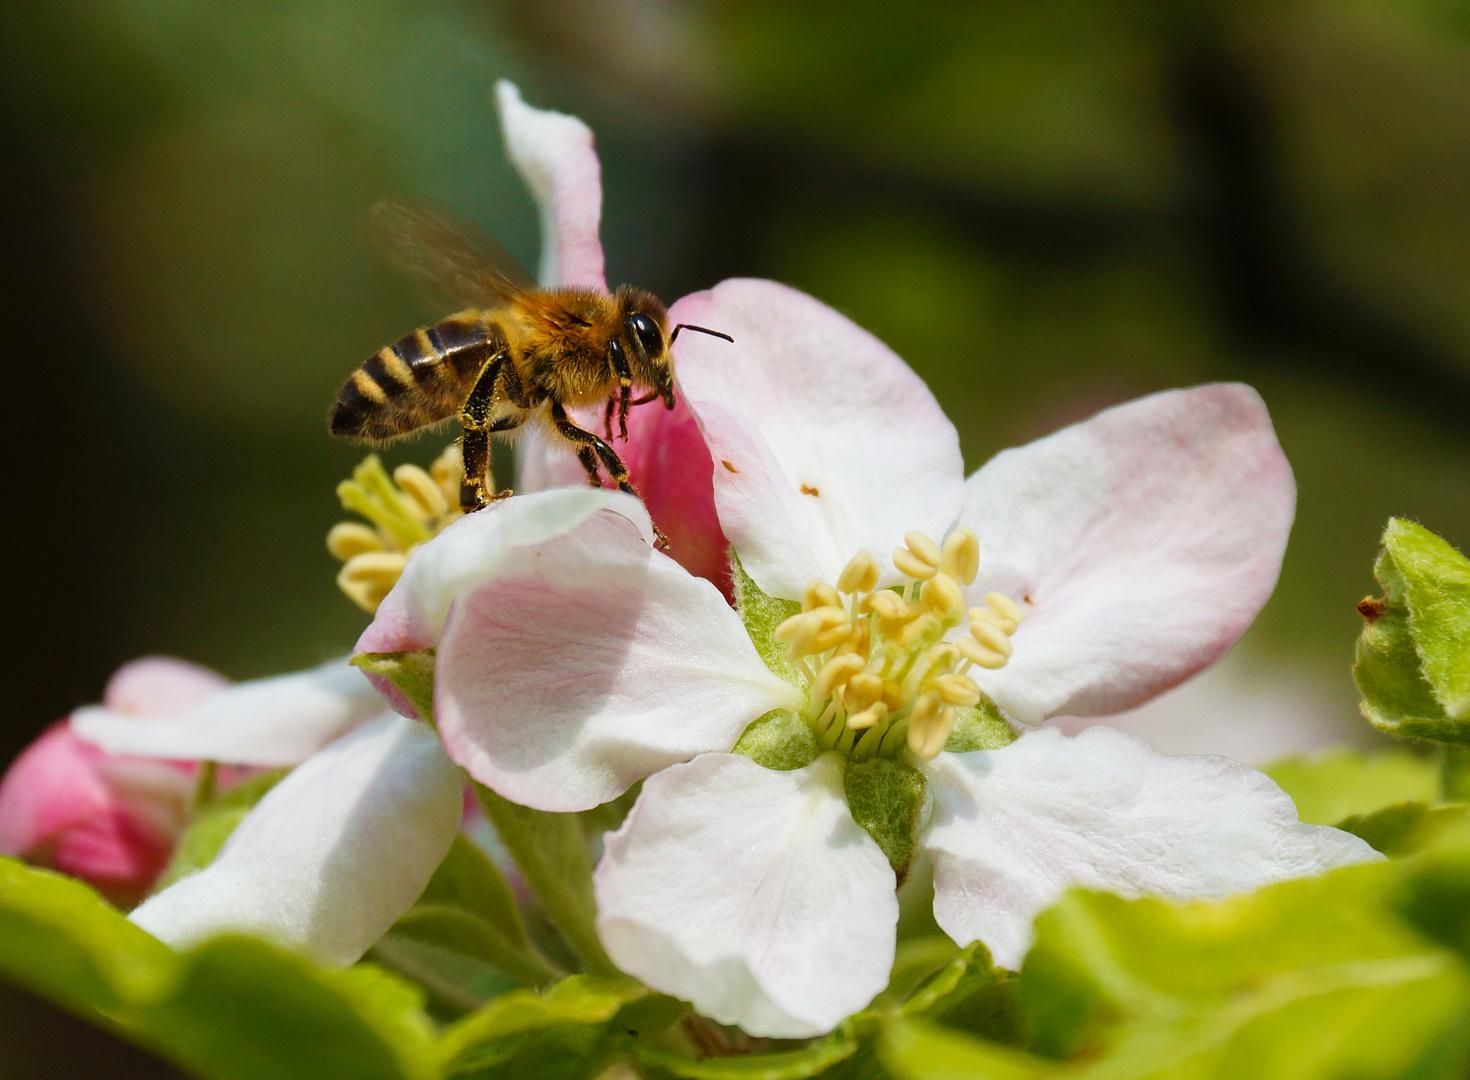 Osterbesuch im Apfelbaum